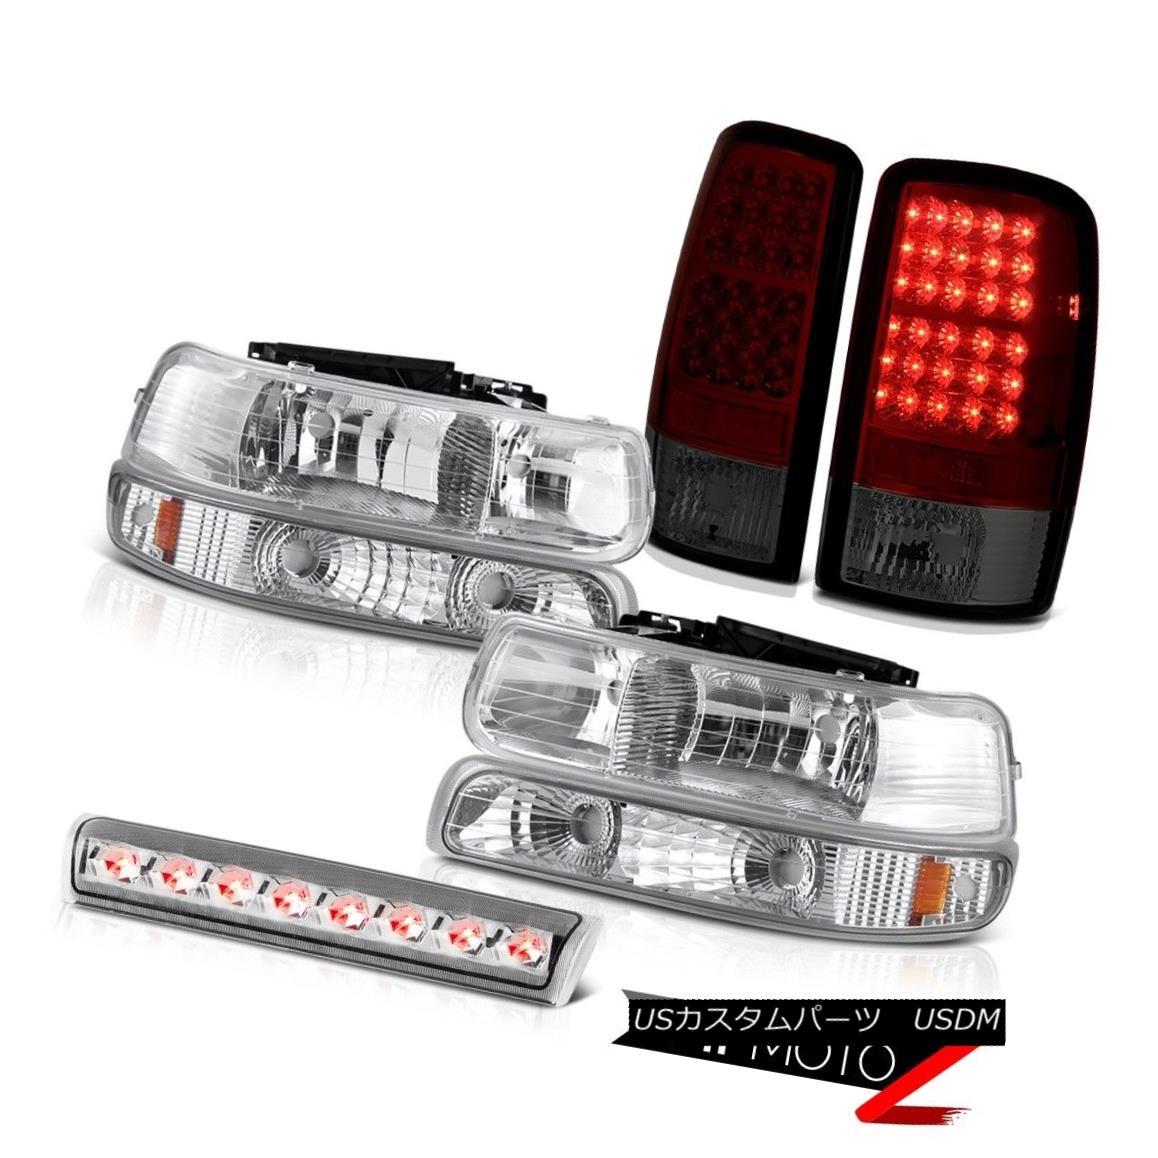 テールライト 00 01 02 03 04 05 06 Suburban 6.0L Parking Headlight Red Tail Lights Roof Brake 00 01 02 03 04 05 06郊外の6.0Lパーキングヘッドライトレッドテールライトルーフブレーキ